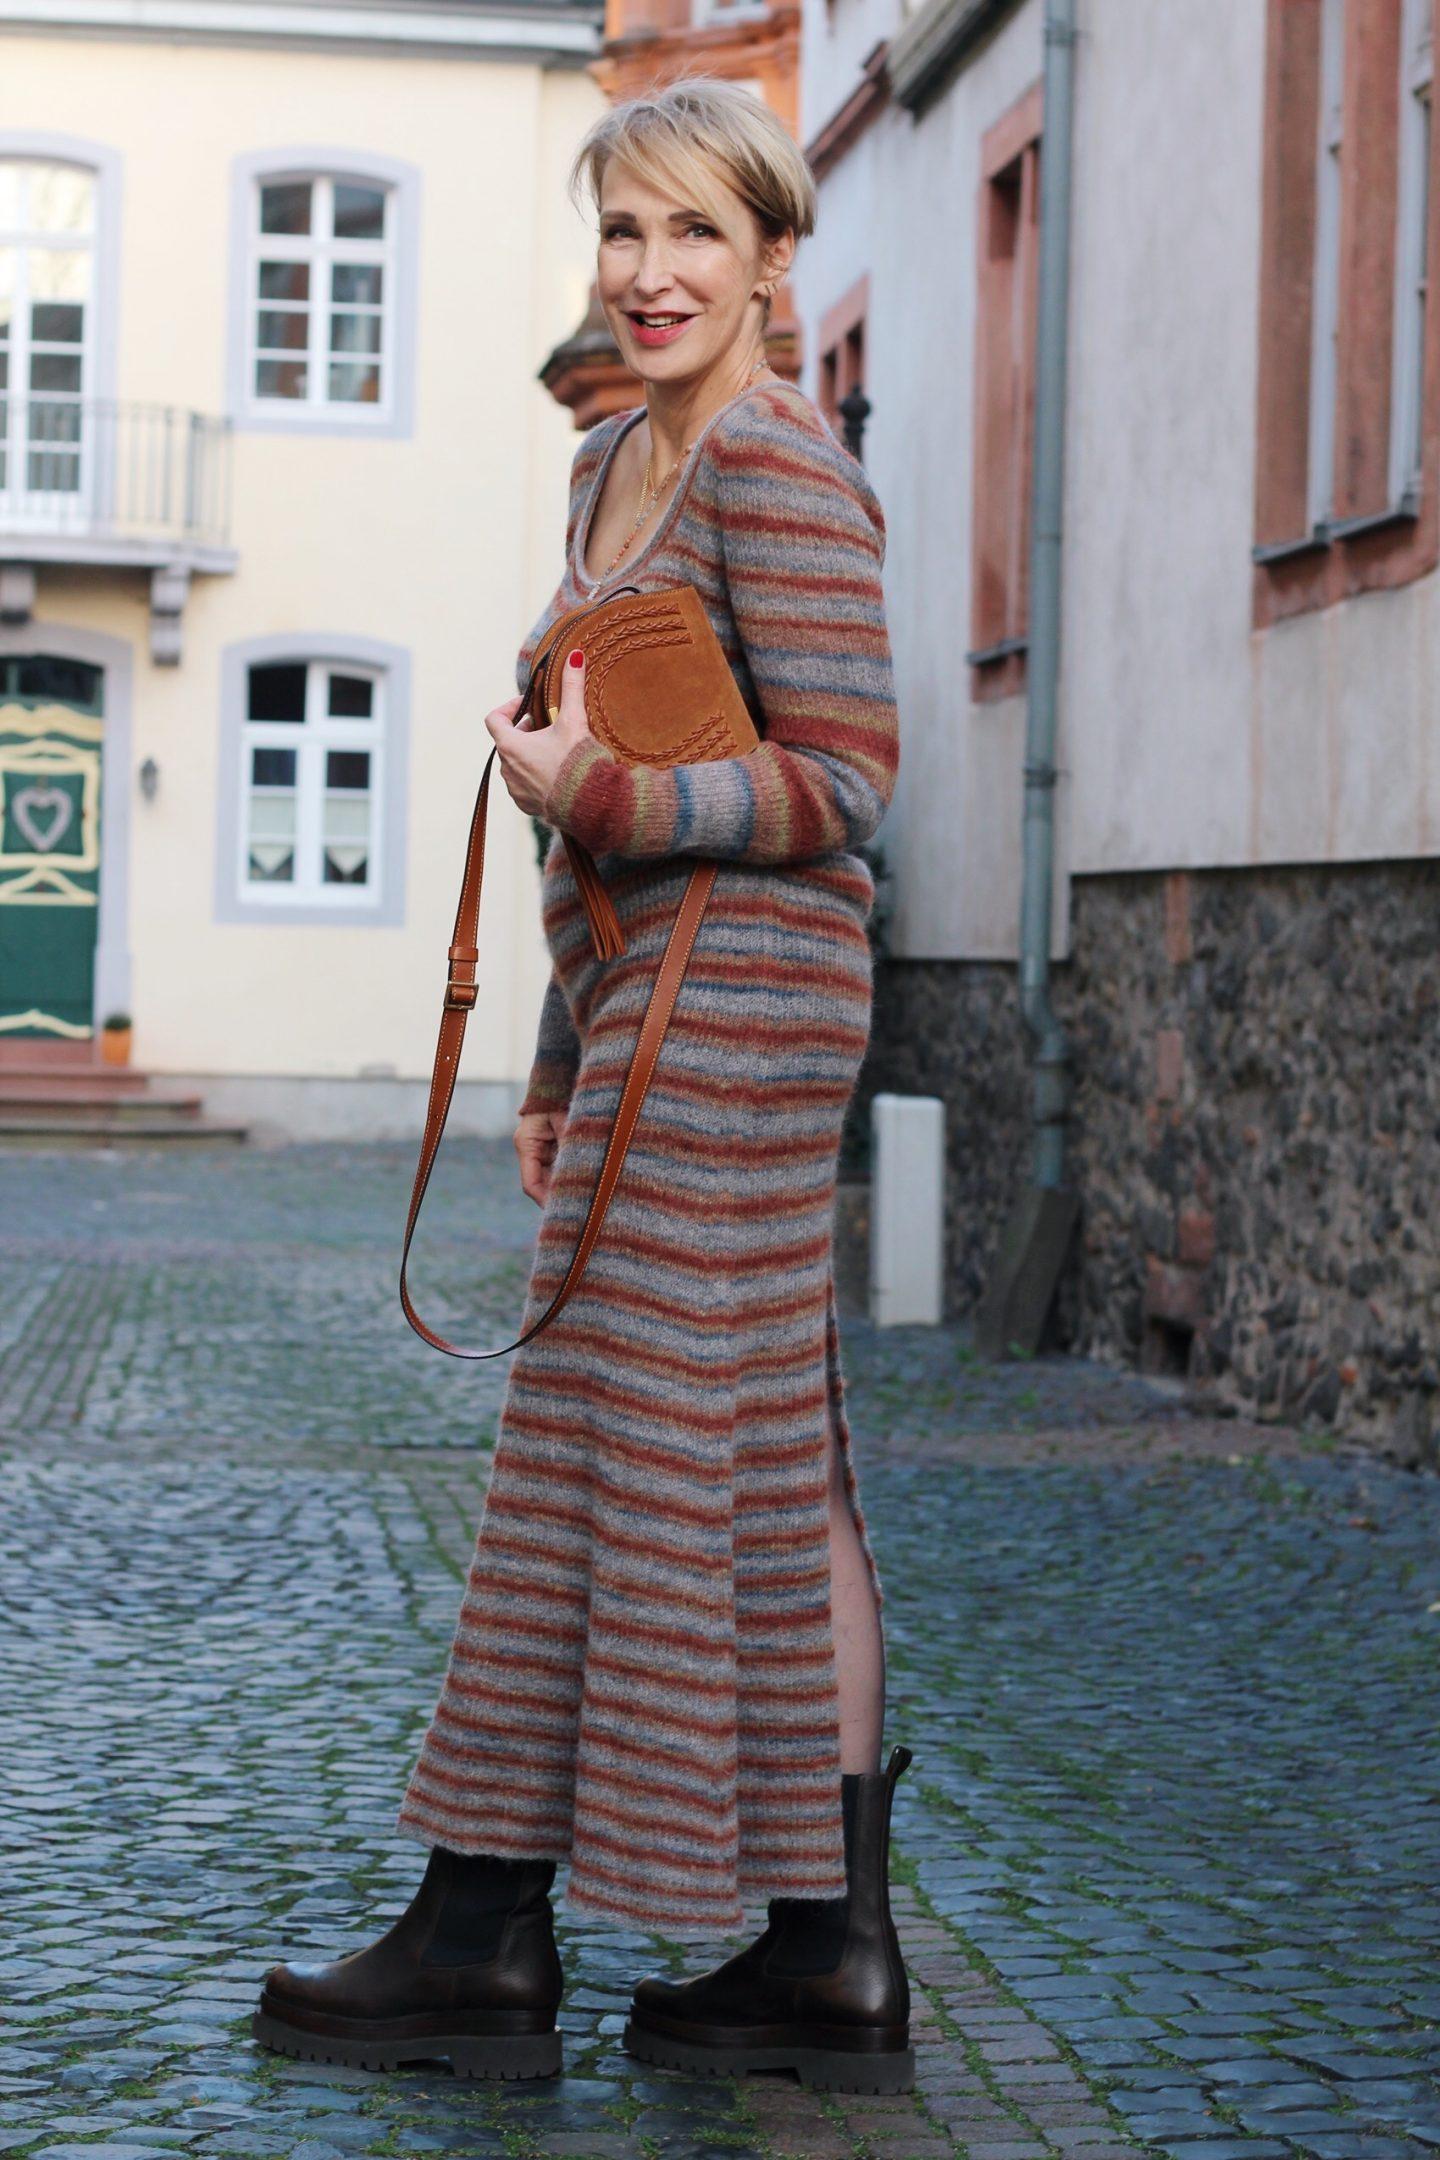 Strickkleid – worauf sollte die Frau ab 50 beim Tragen achten?